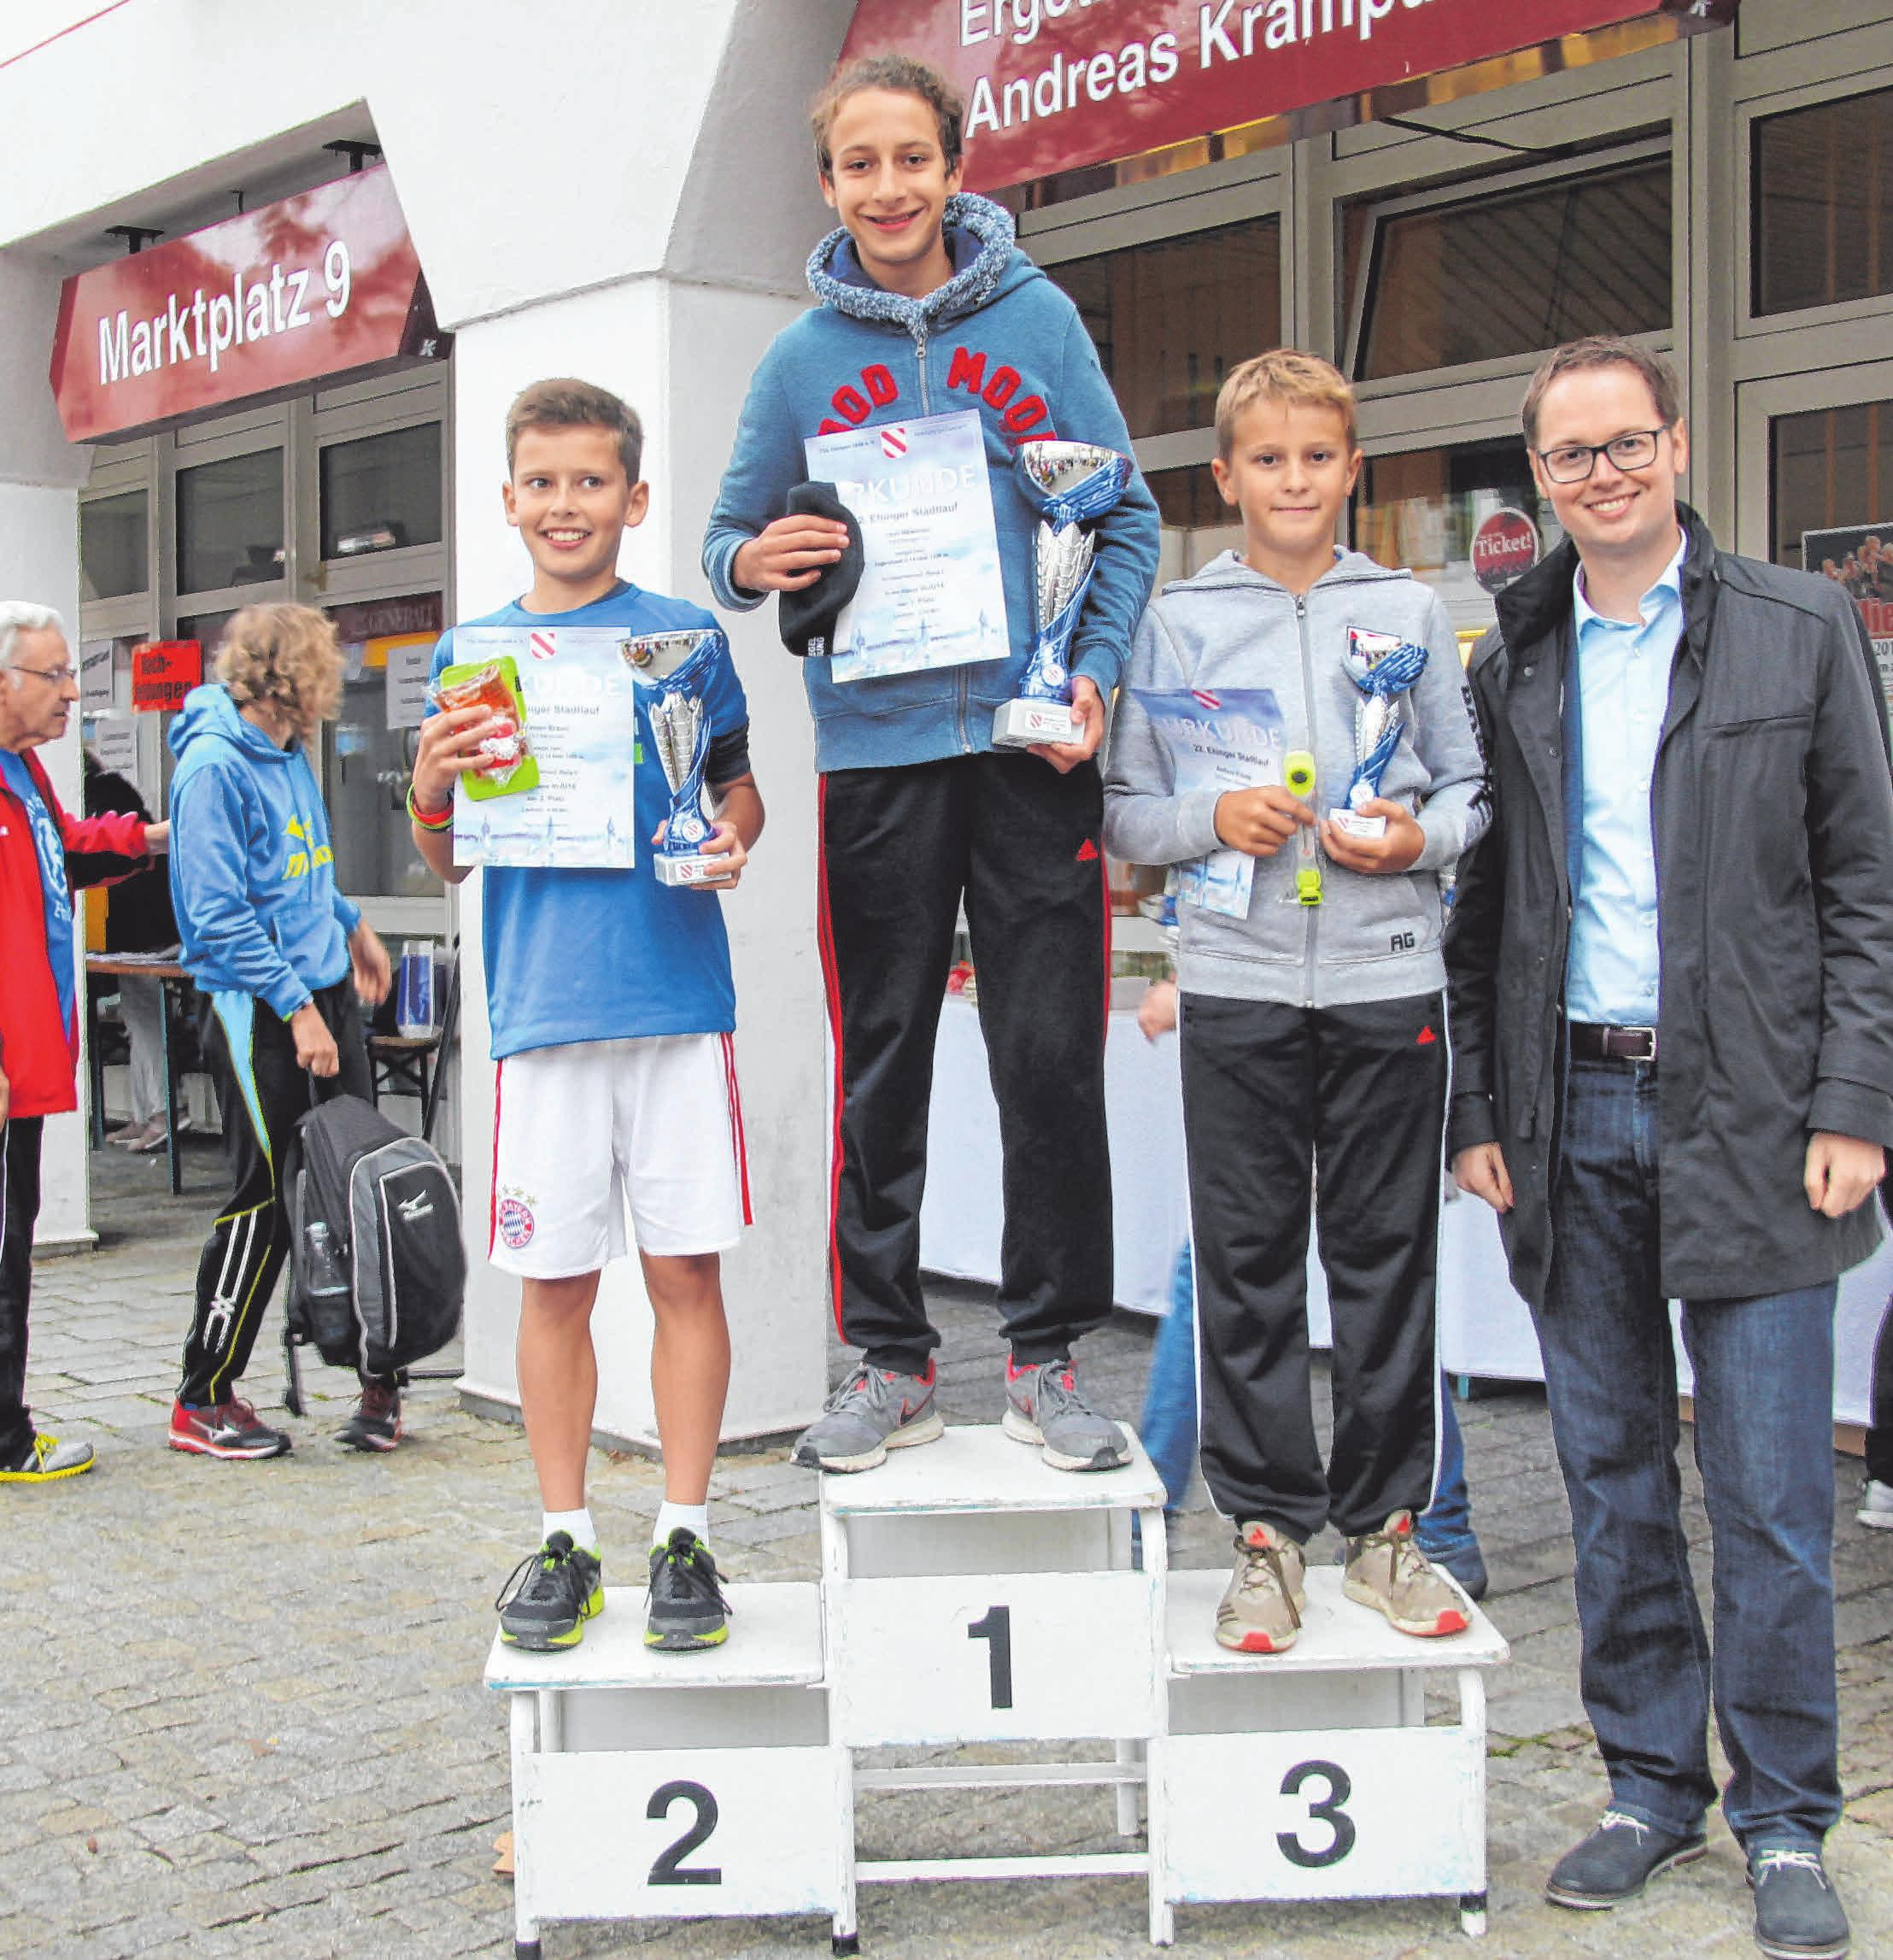 Die Sieger werden nach den Rennen auf dem Marktplatz geehrt.